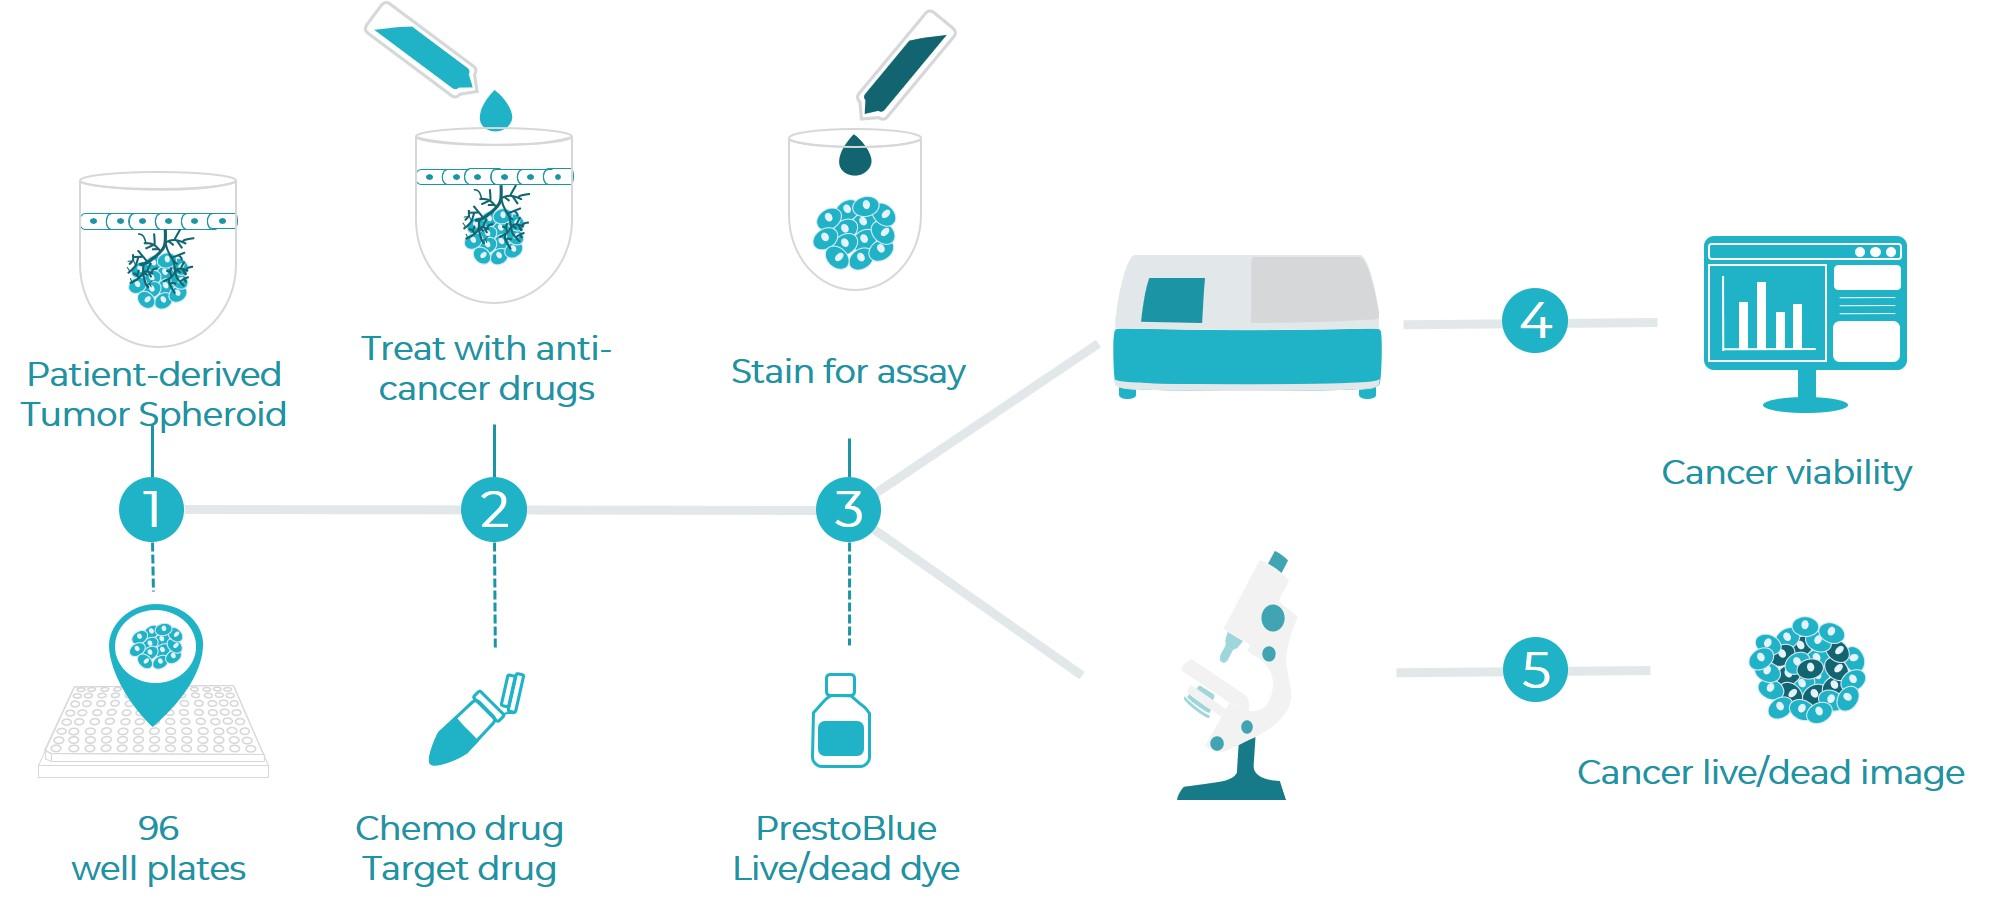 生物製造之癌症晶片應用於患者特異性用藥預測平台